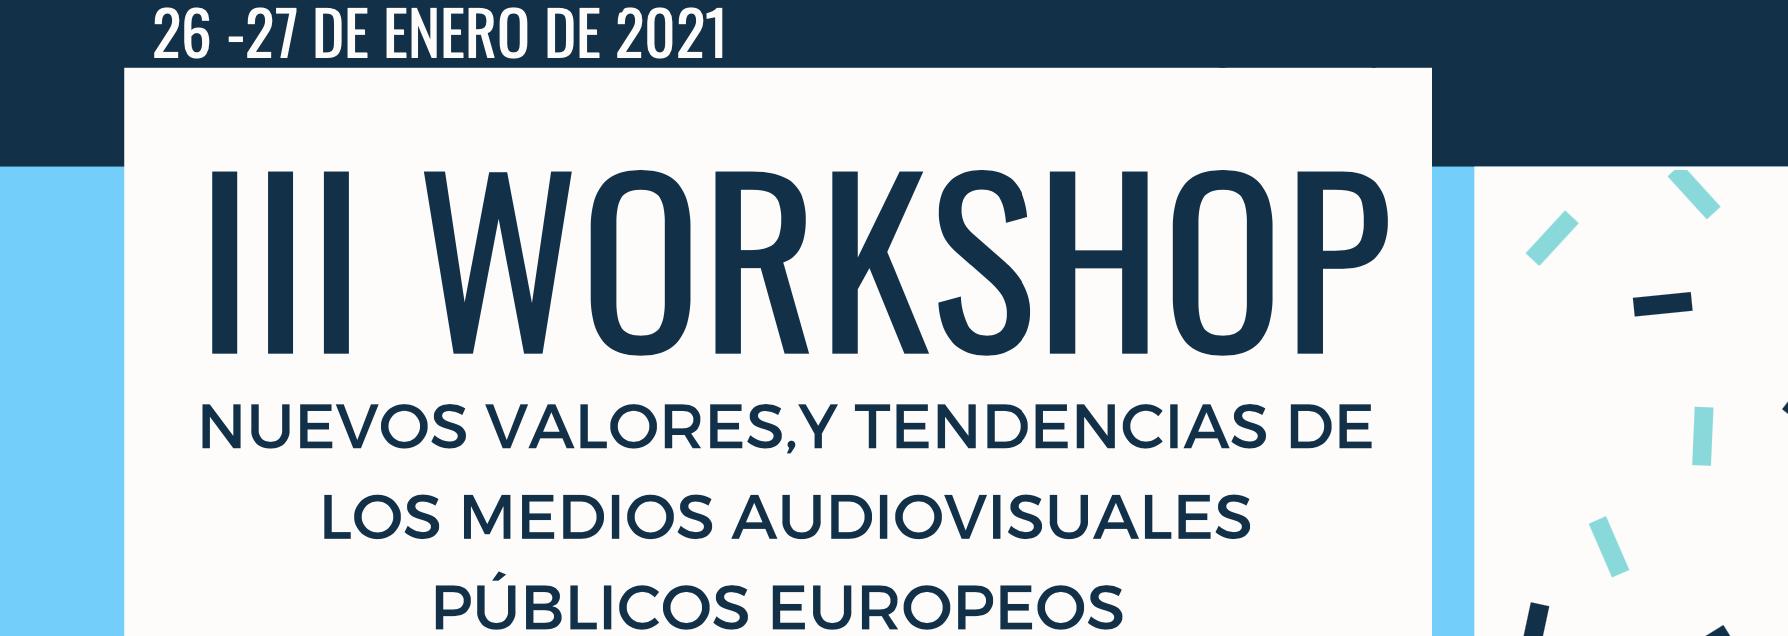 Días 26 y 27: Congreso virtual sobre los valores y tendencias de los medios audiovisuales públicos